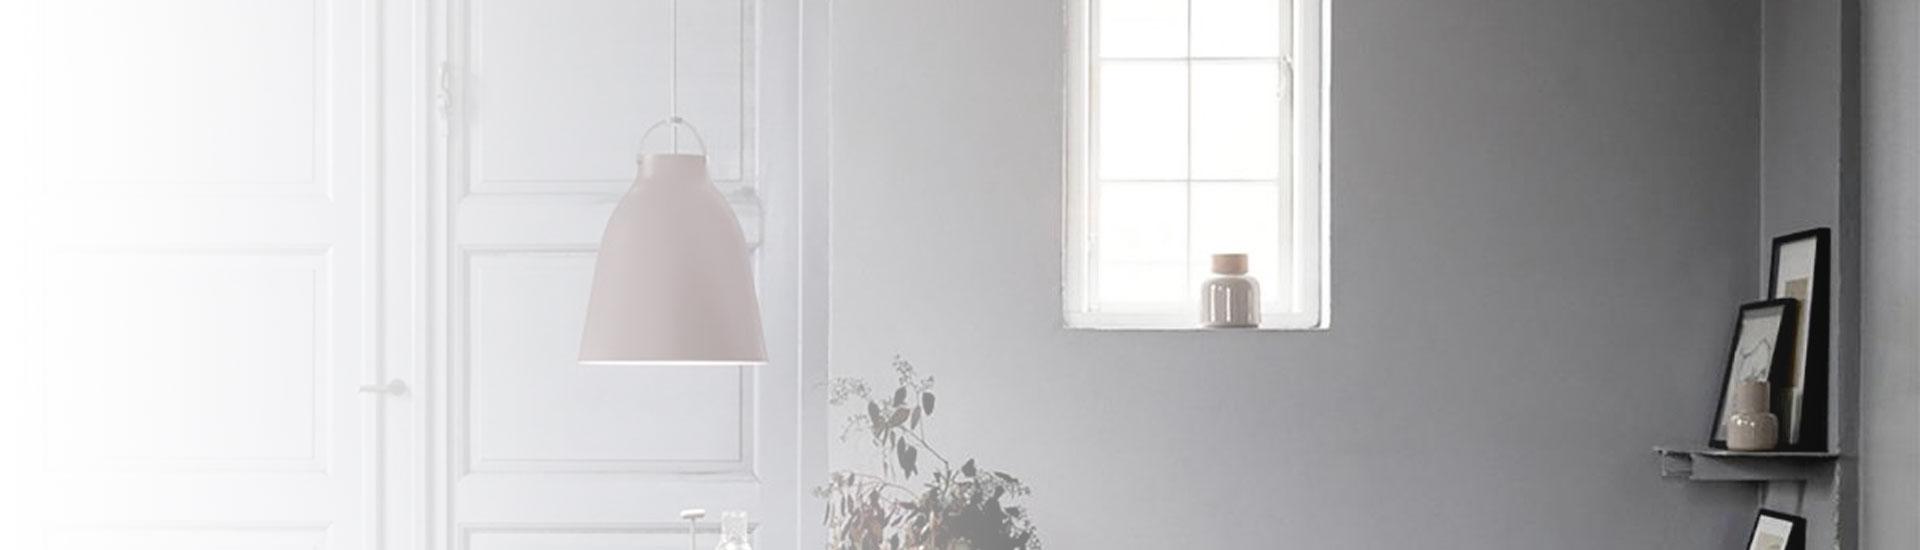 Lamper over spisebord - online køb og professionel vejledning